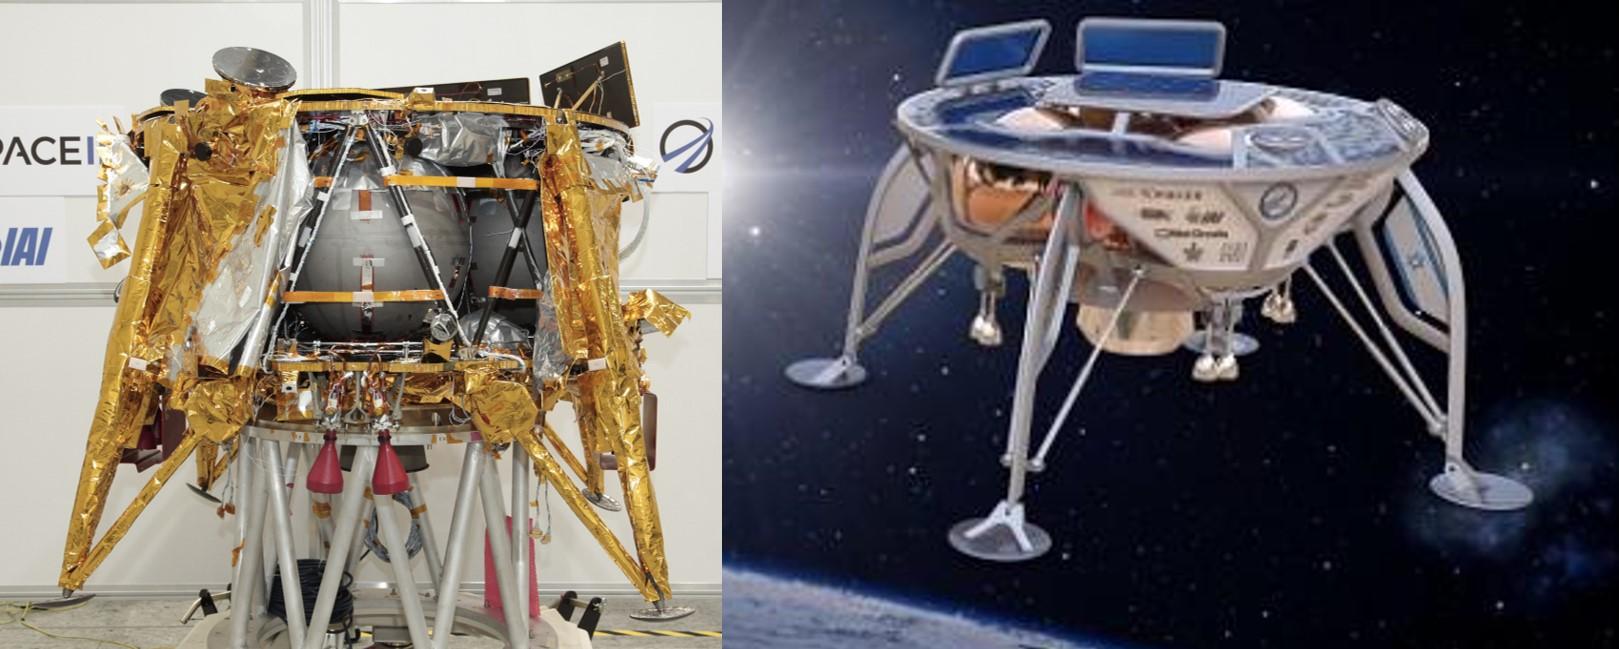 שמיכת זהב מקומטת במקום דפנות מעוצבות. העיצוב המקורי (מימין) לעומת החללית האמיתית | מקור: SpaceIL